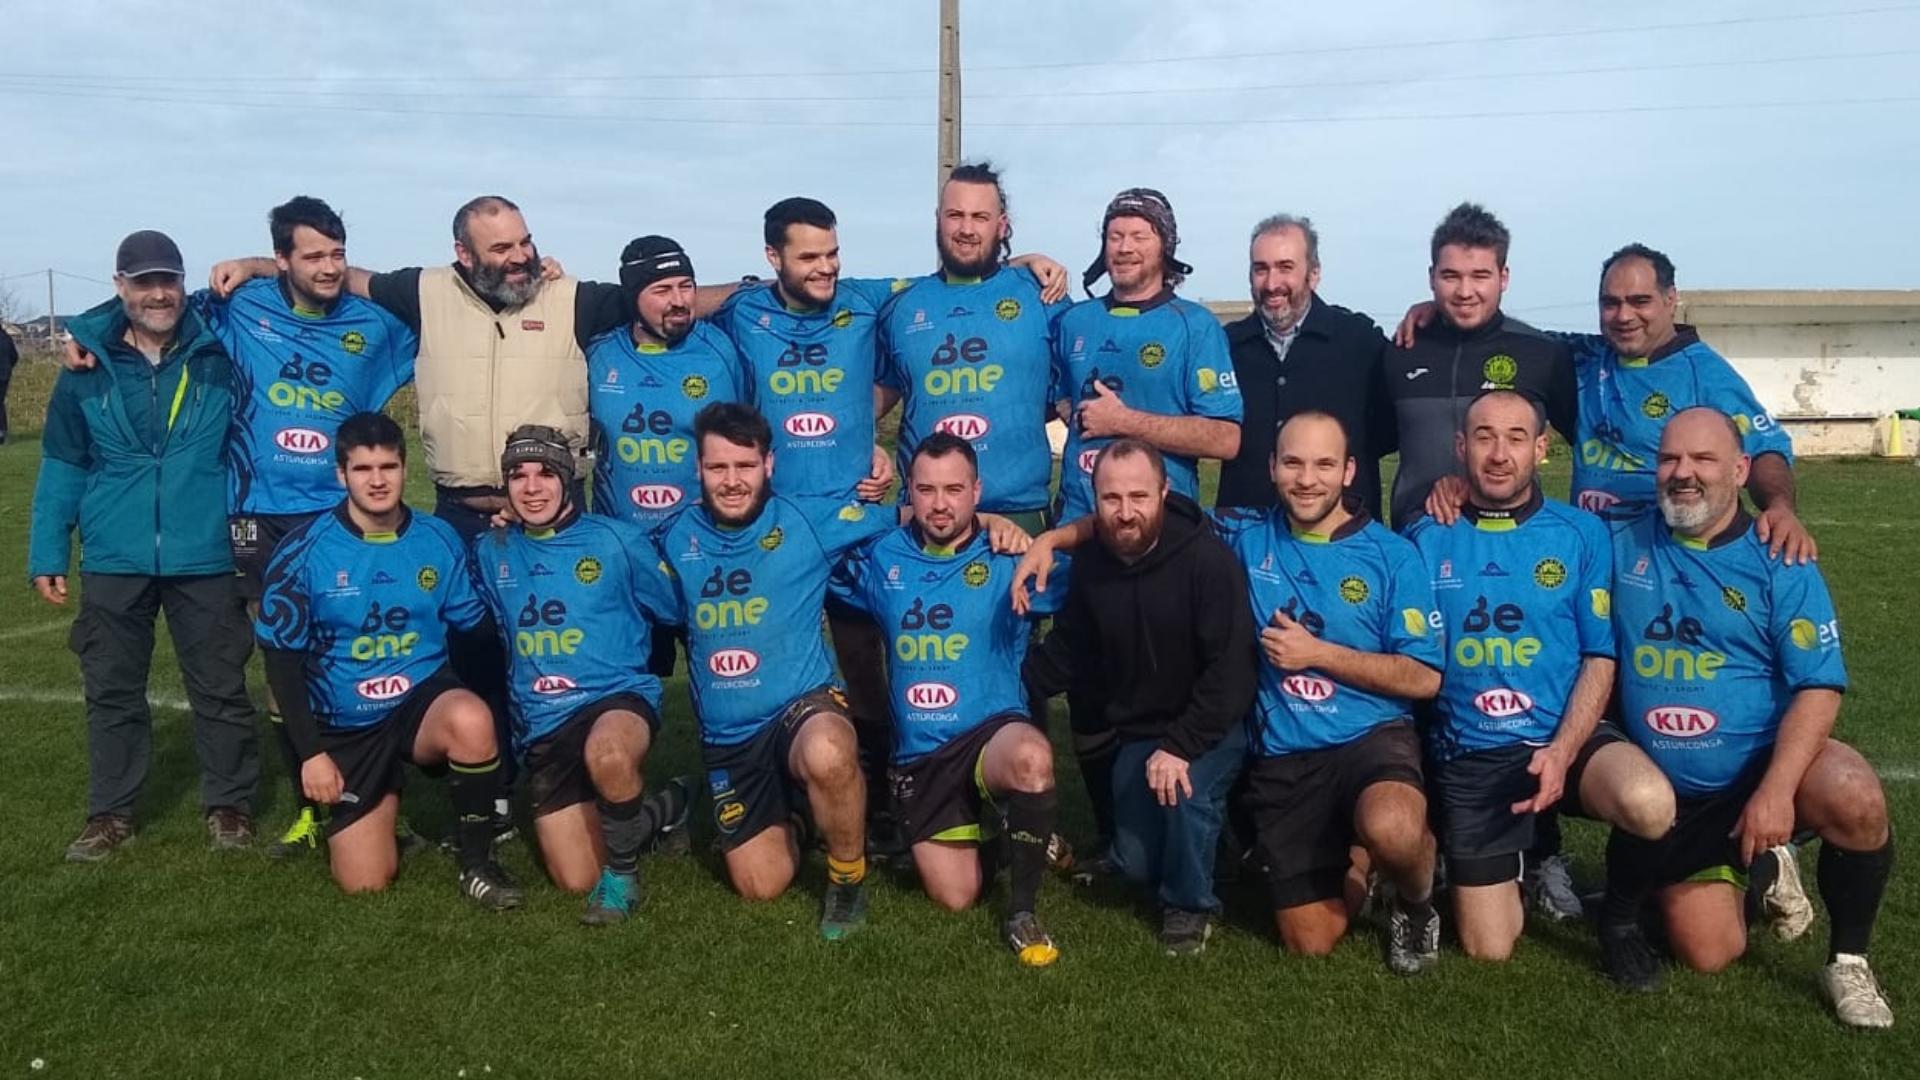 El Beone Rugby Cierra la 1ª Vuelta de la Liga Gallega Sub-16 y partido de los Sub-18/Senior en Tapia